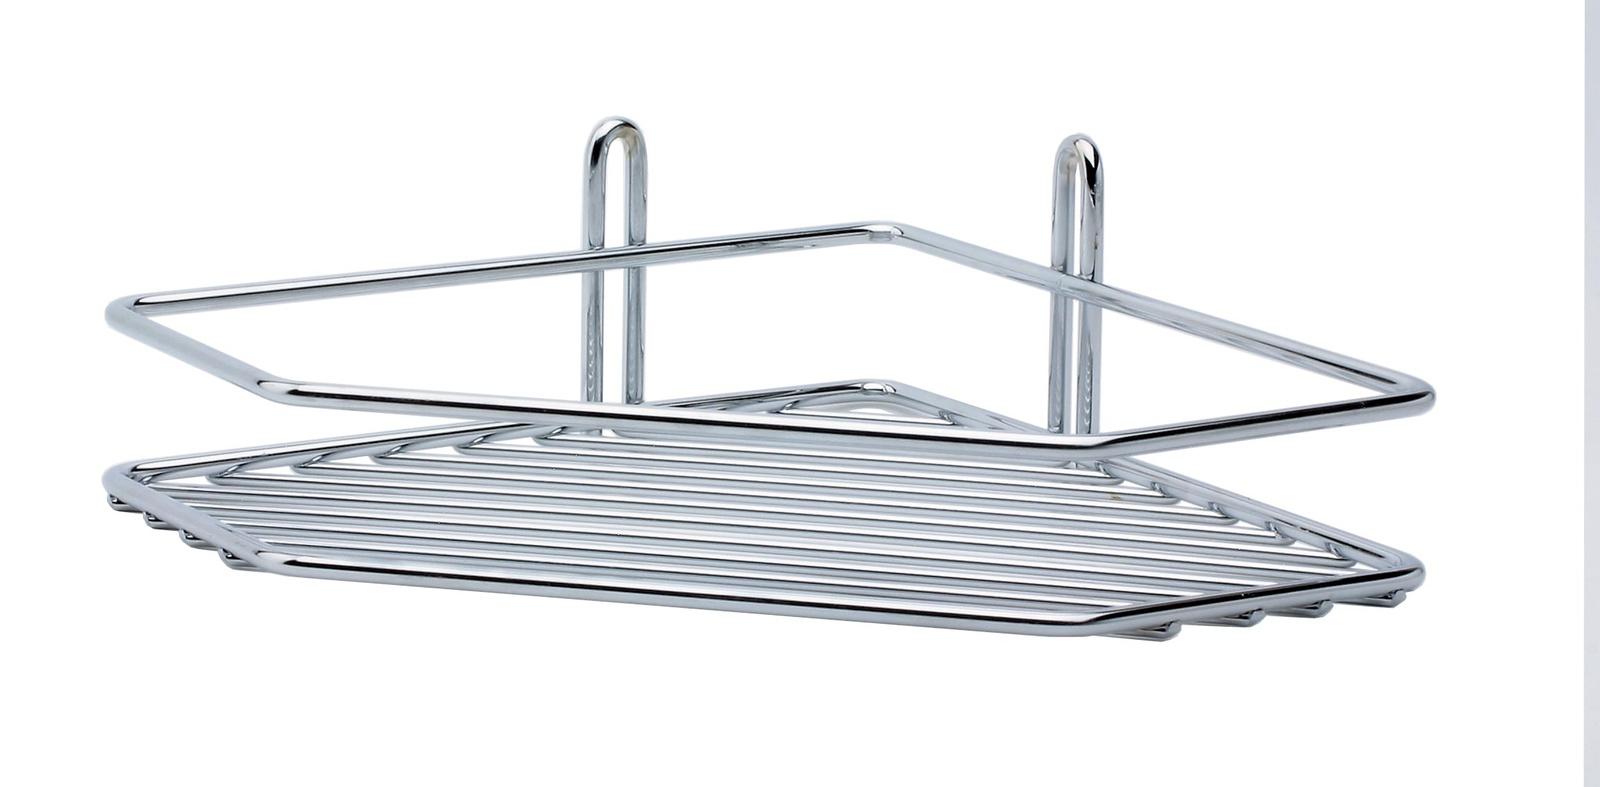 Полка для ванной комнаты Vanstore Полка угловая, серебристый полка для ванной комнаты vanstore 061 77 серебристый